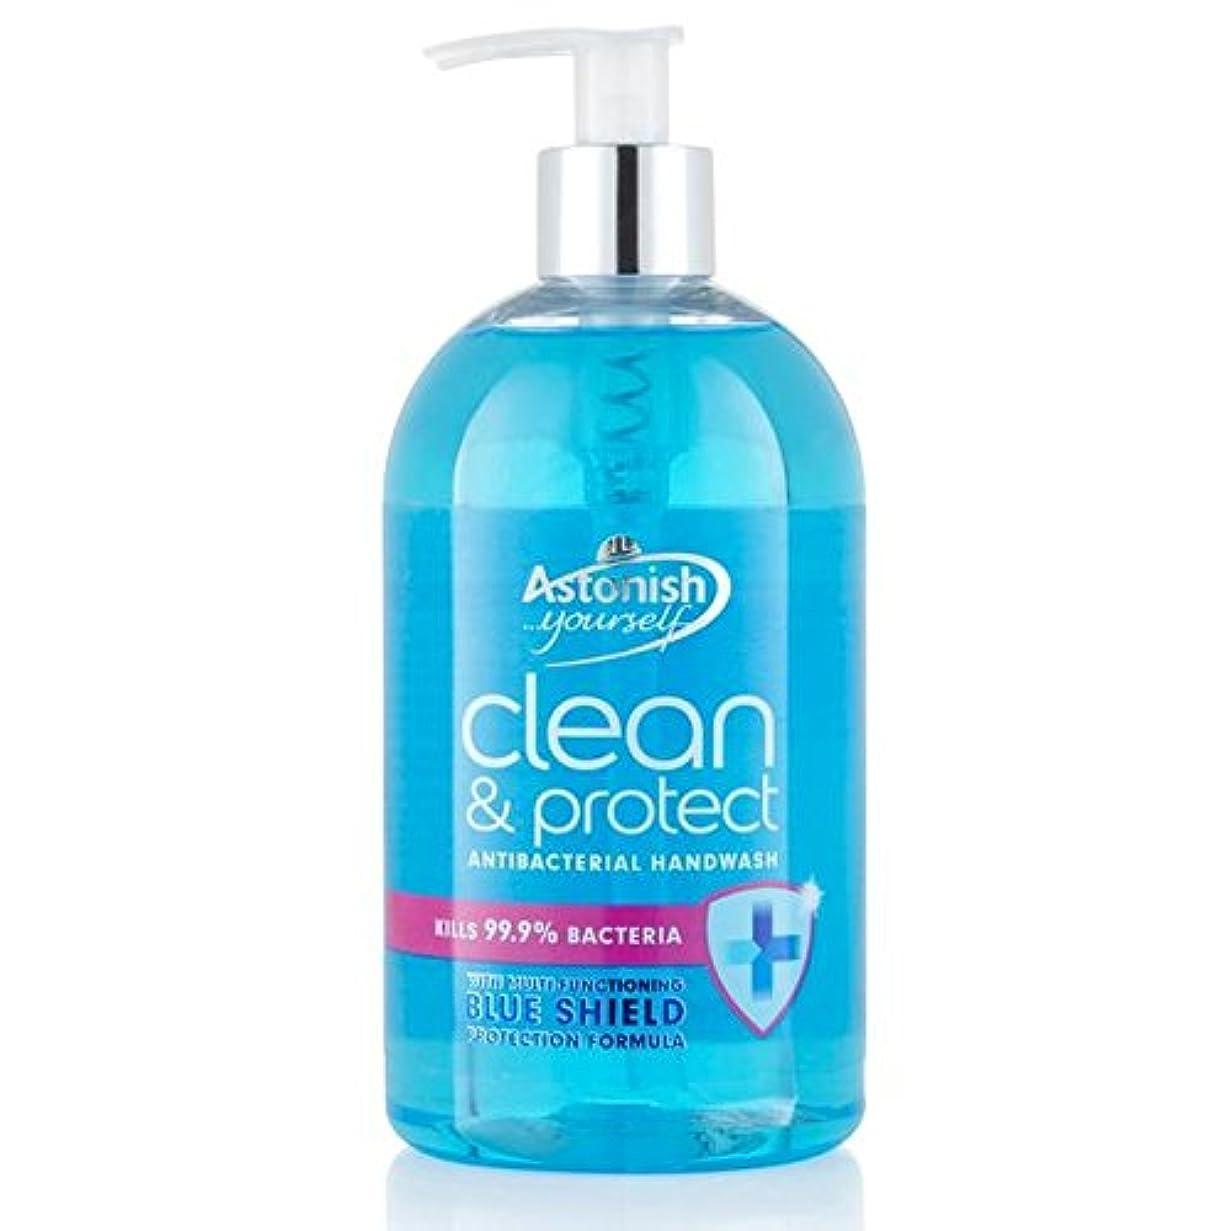 悲惨居心地の良いオーナメントAstonish Clean & Protect Hand Wash 500ml (Pack of 6) - クリーン驚か&ハンドウォッシュ500ミリリットルを保護 x6 [並行輸入品]